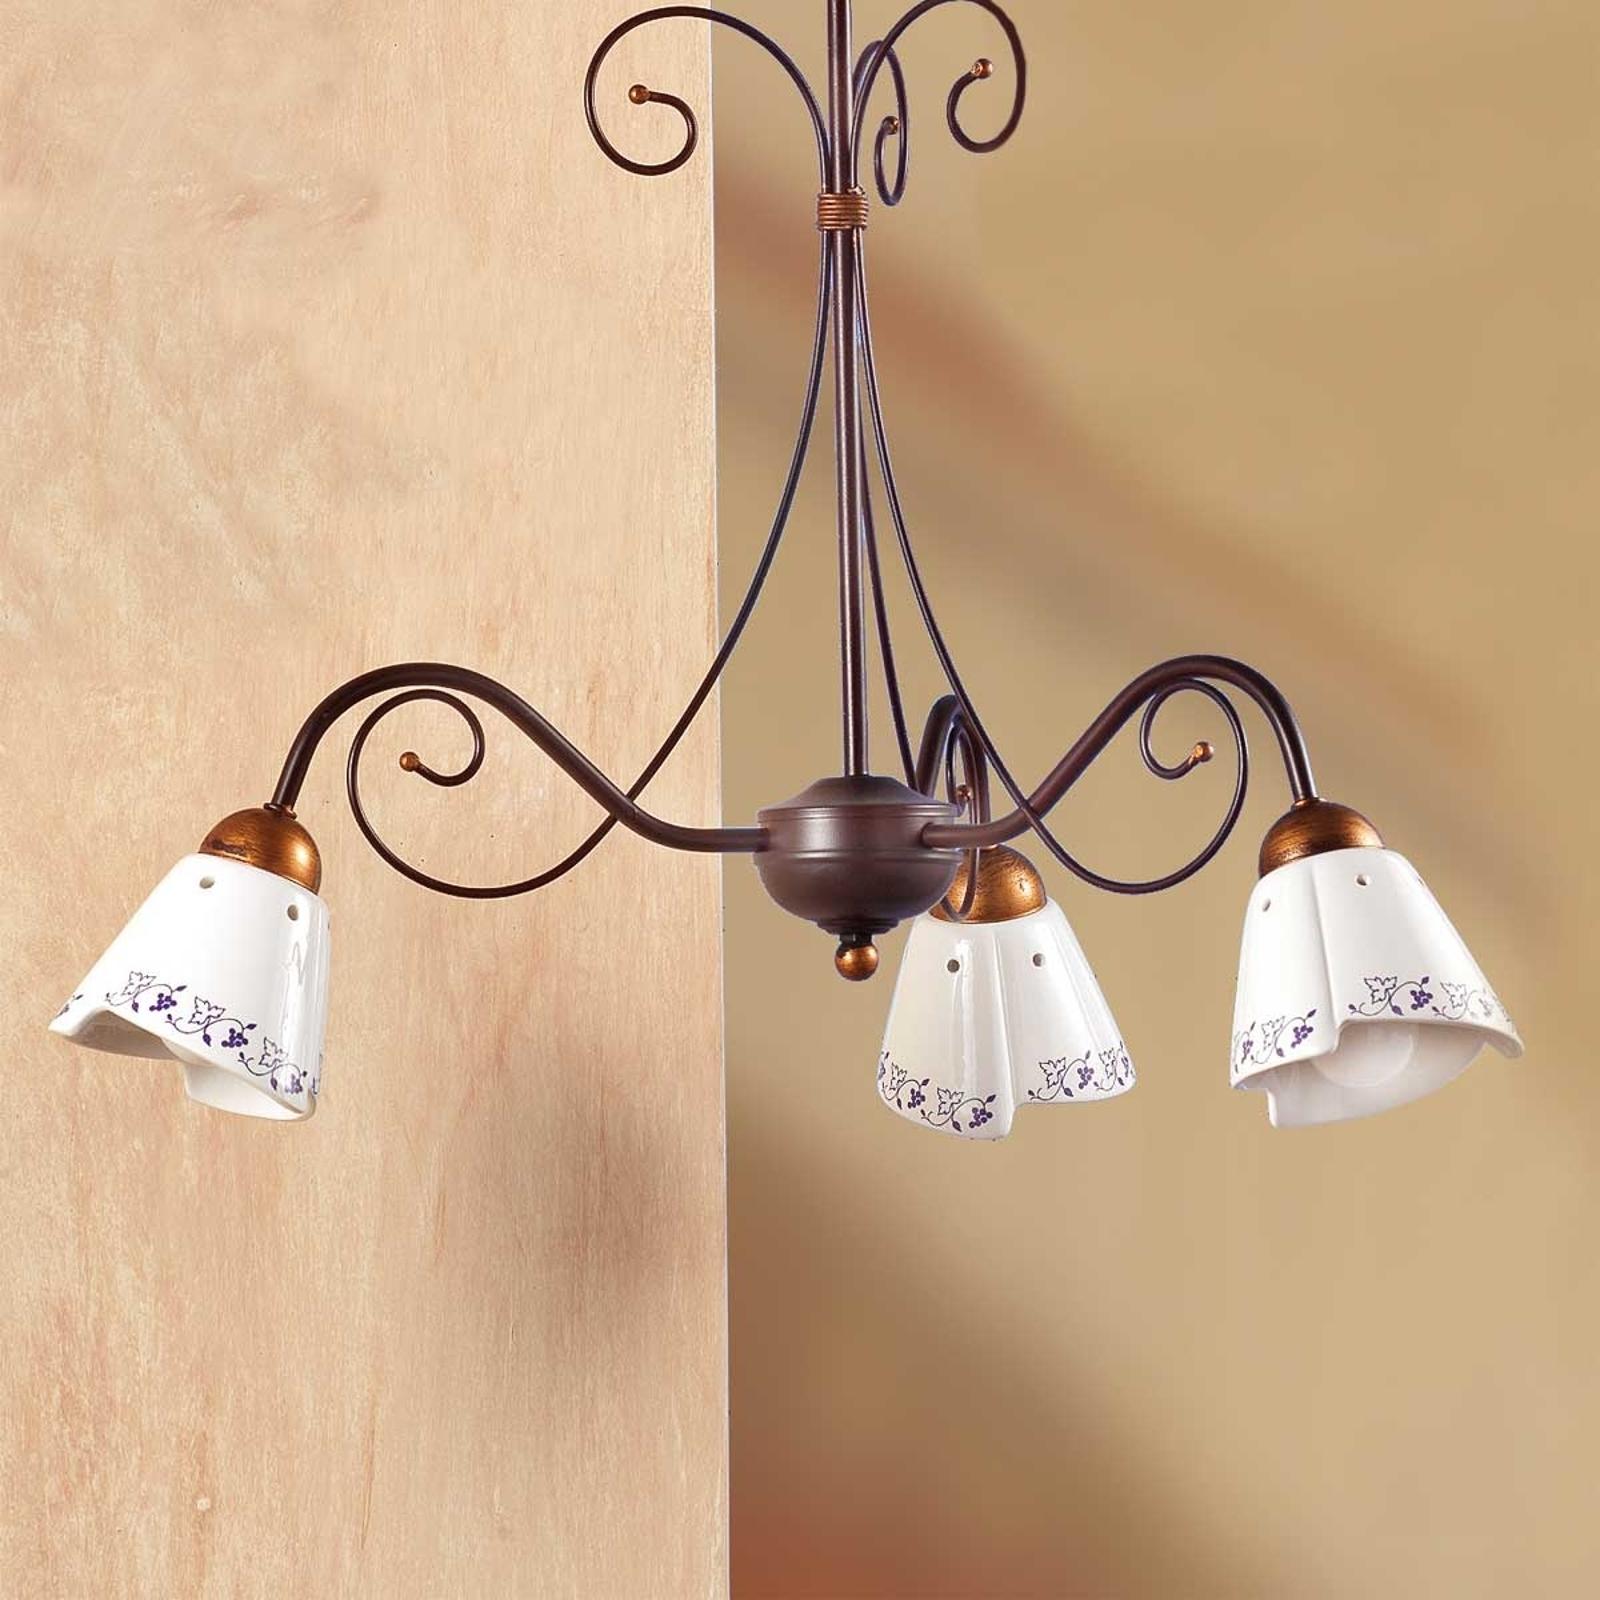 Suspension classique CARTOCCIO 3 lampes